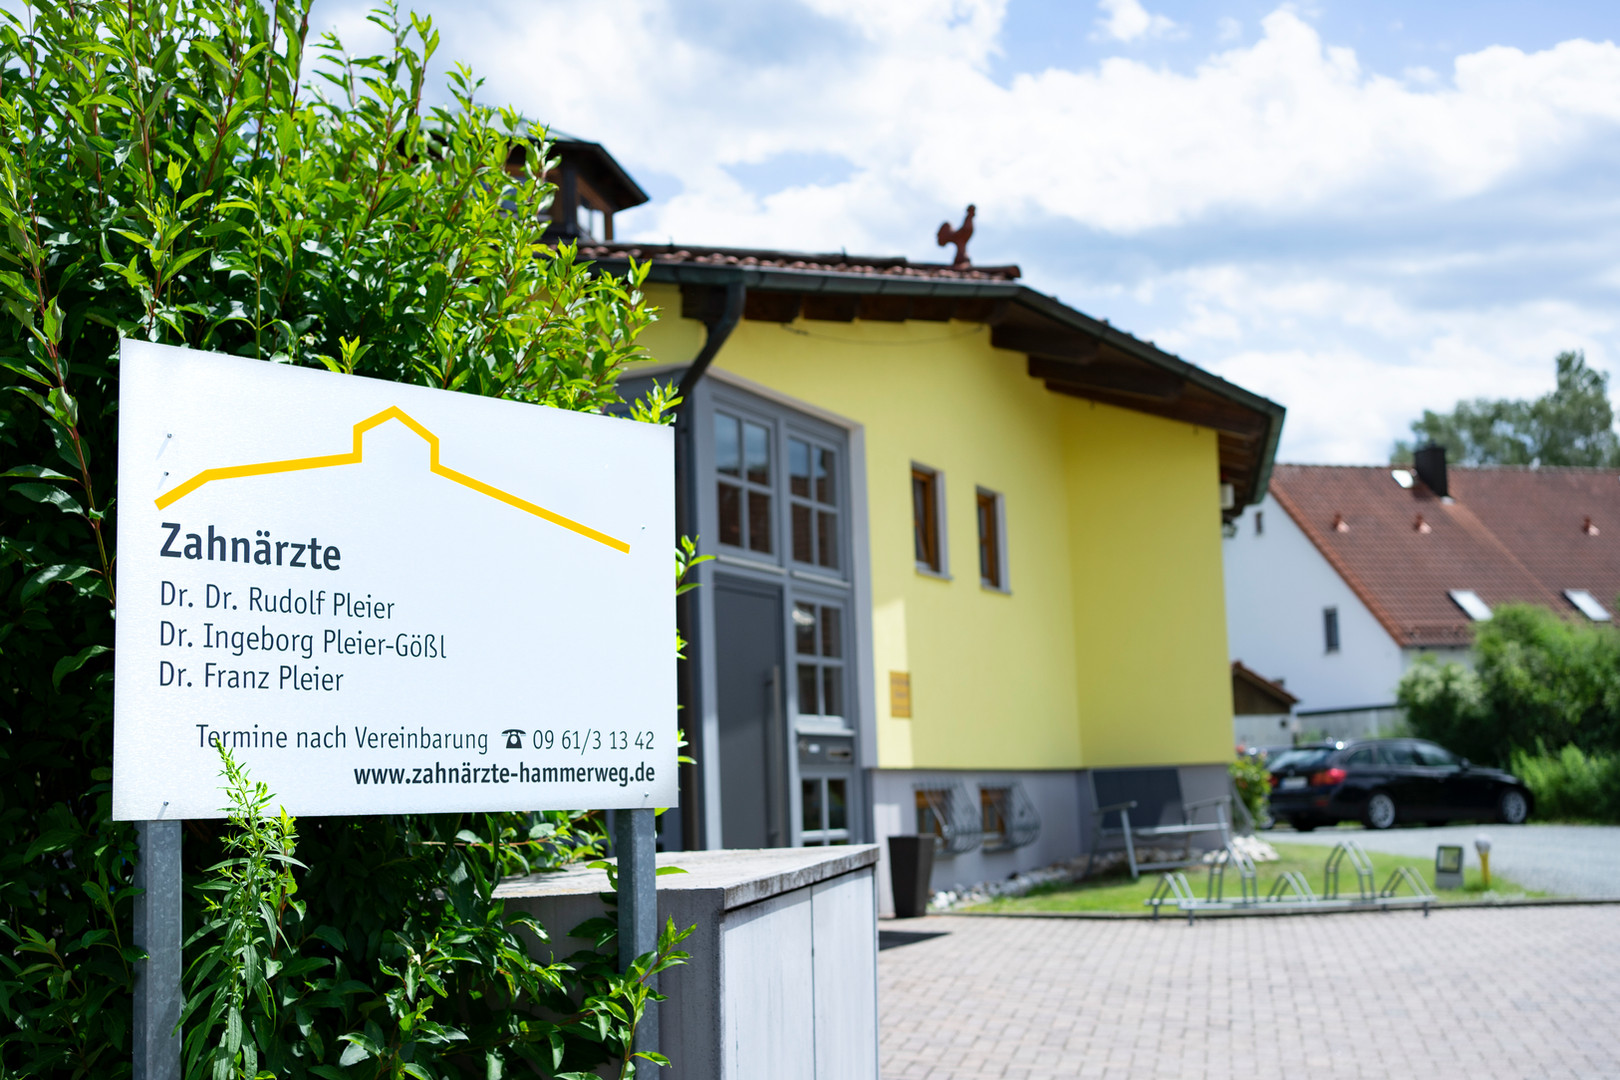 zahnarzt-hammerweg-weiden-in-der-oberpfalz-zahnarztpraxis-von-aussen